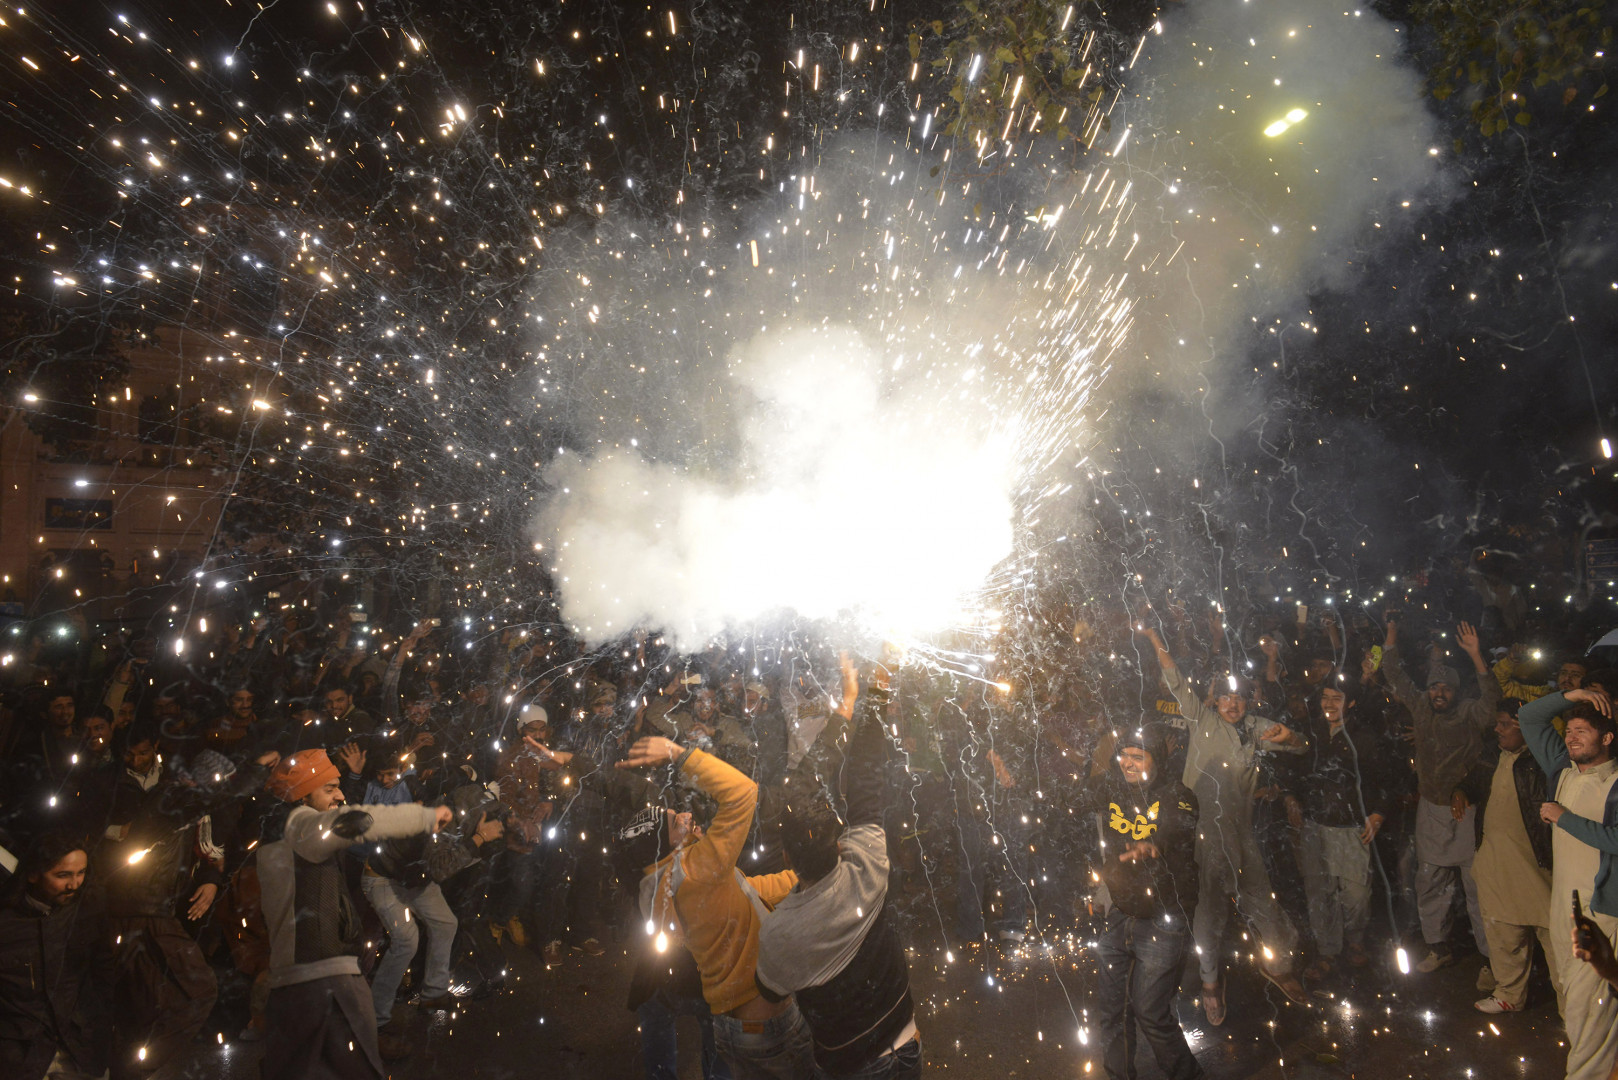 À Lahore, au Pakistan, il y avait aussi des festivités